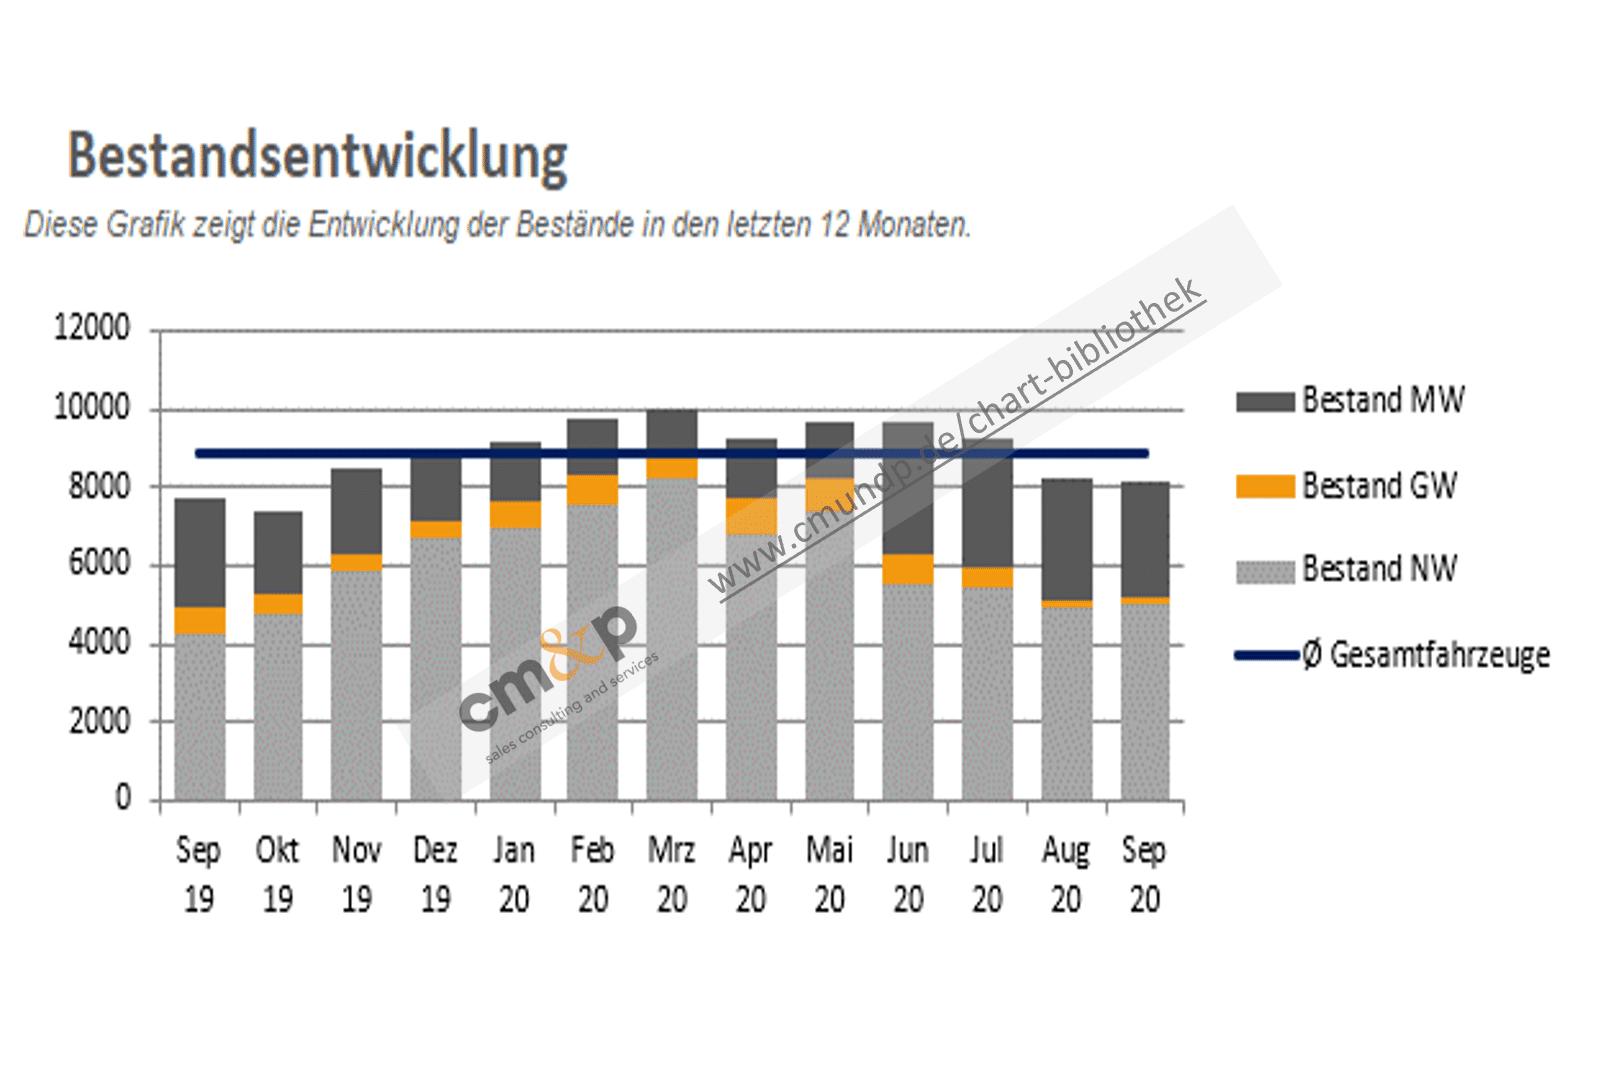 Darstellung des Fahrzeugbestandes von Neu-, Gebraucht- und Mietwagen als gestapelte Säulen in TEUR über 13 Monate rollierend